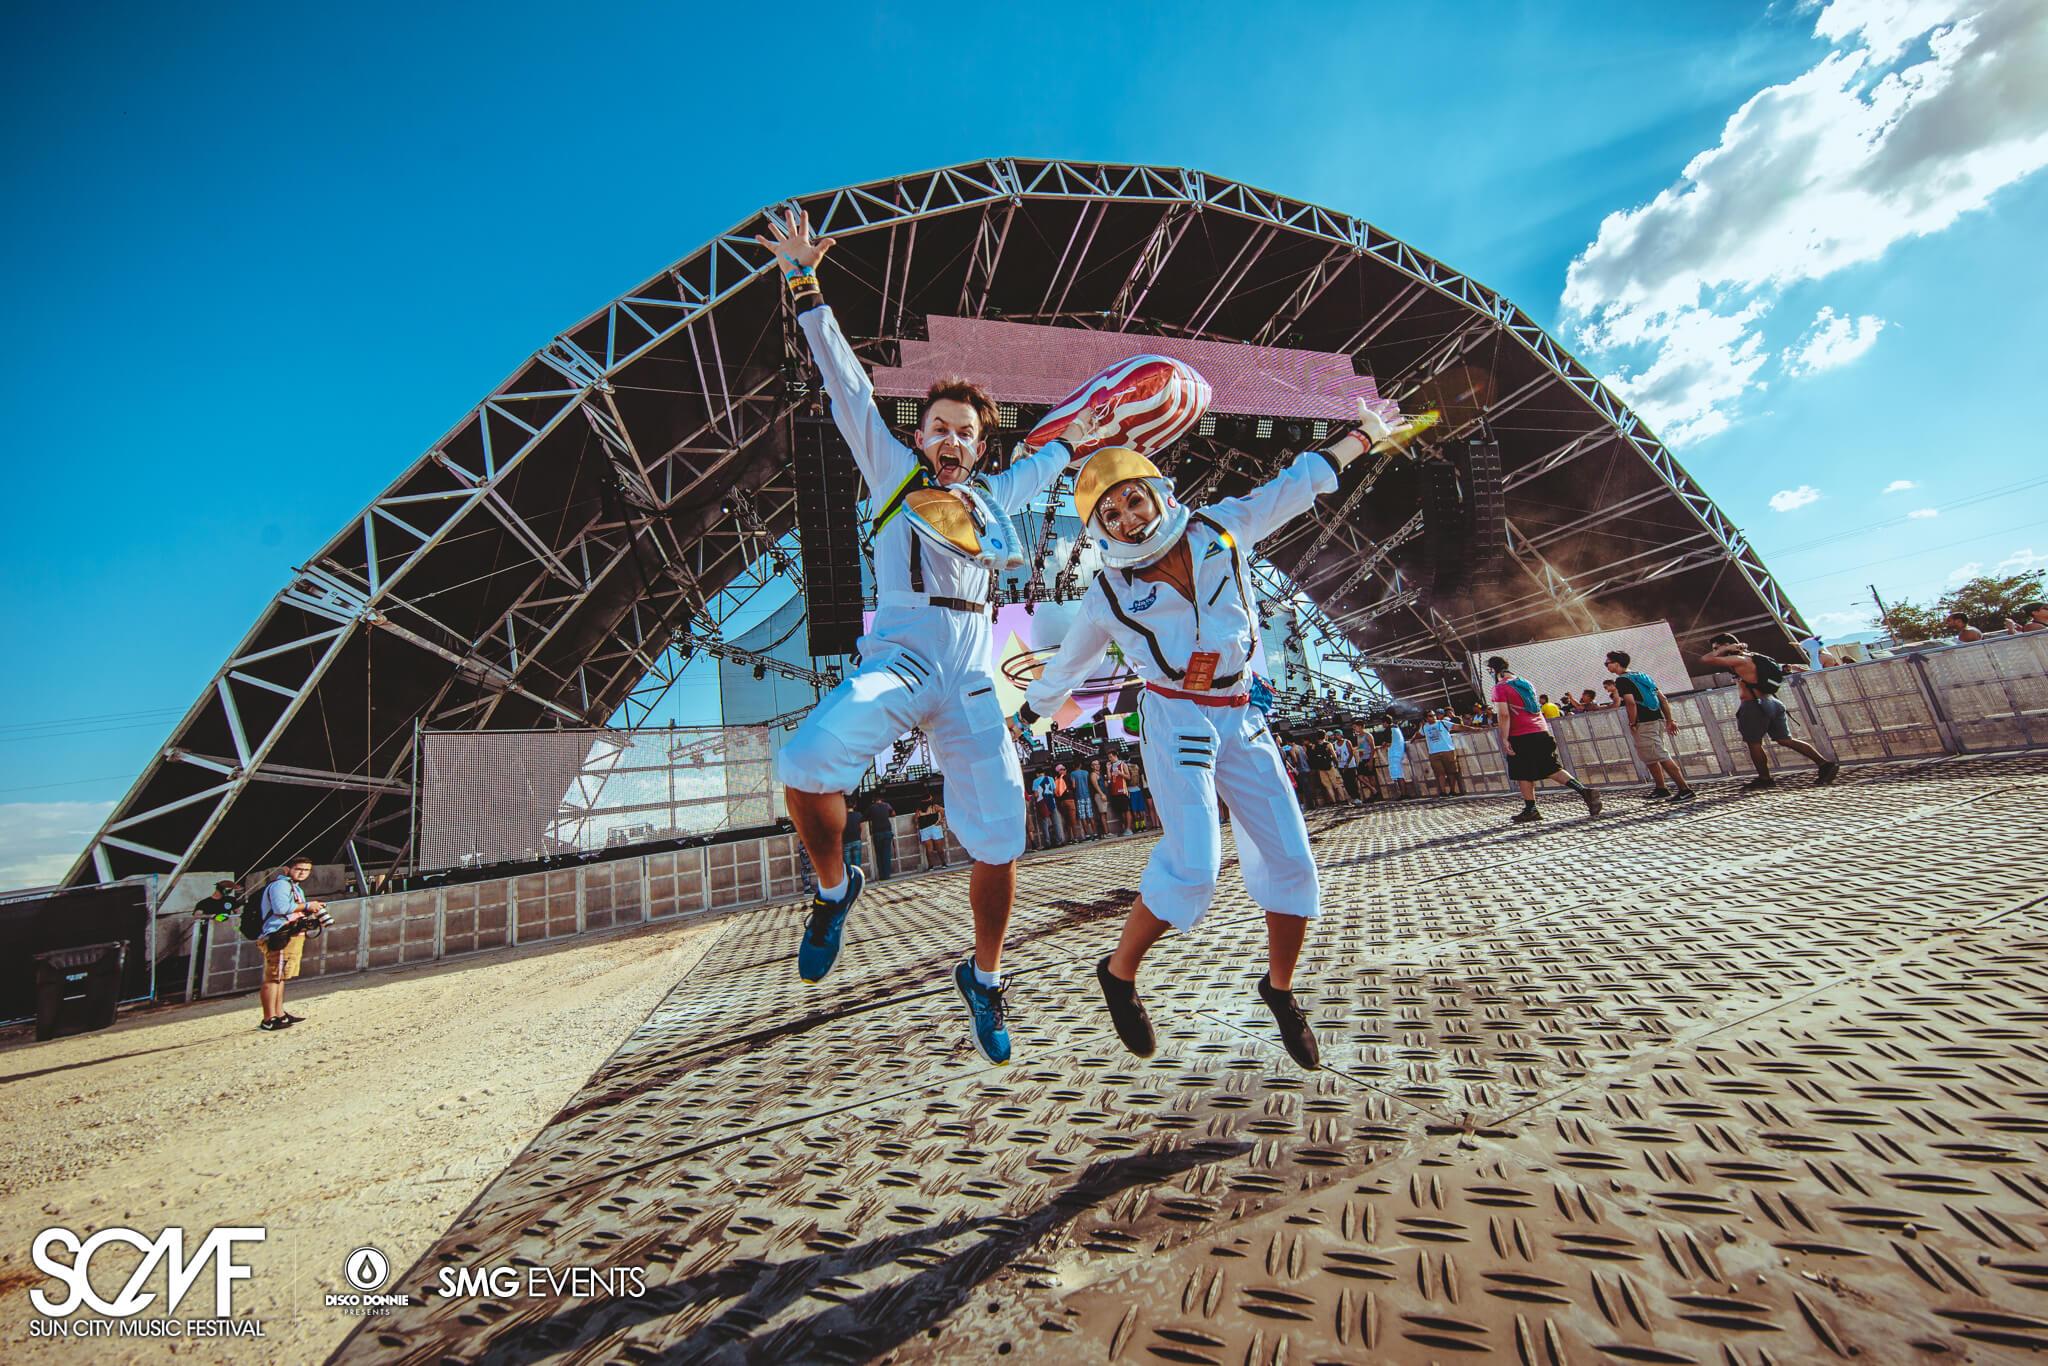 astronaut festival fans